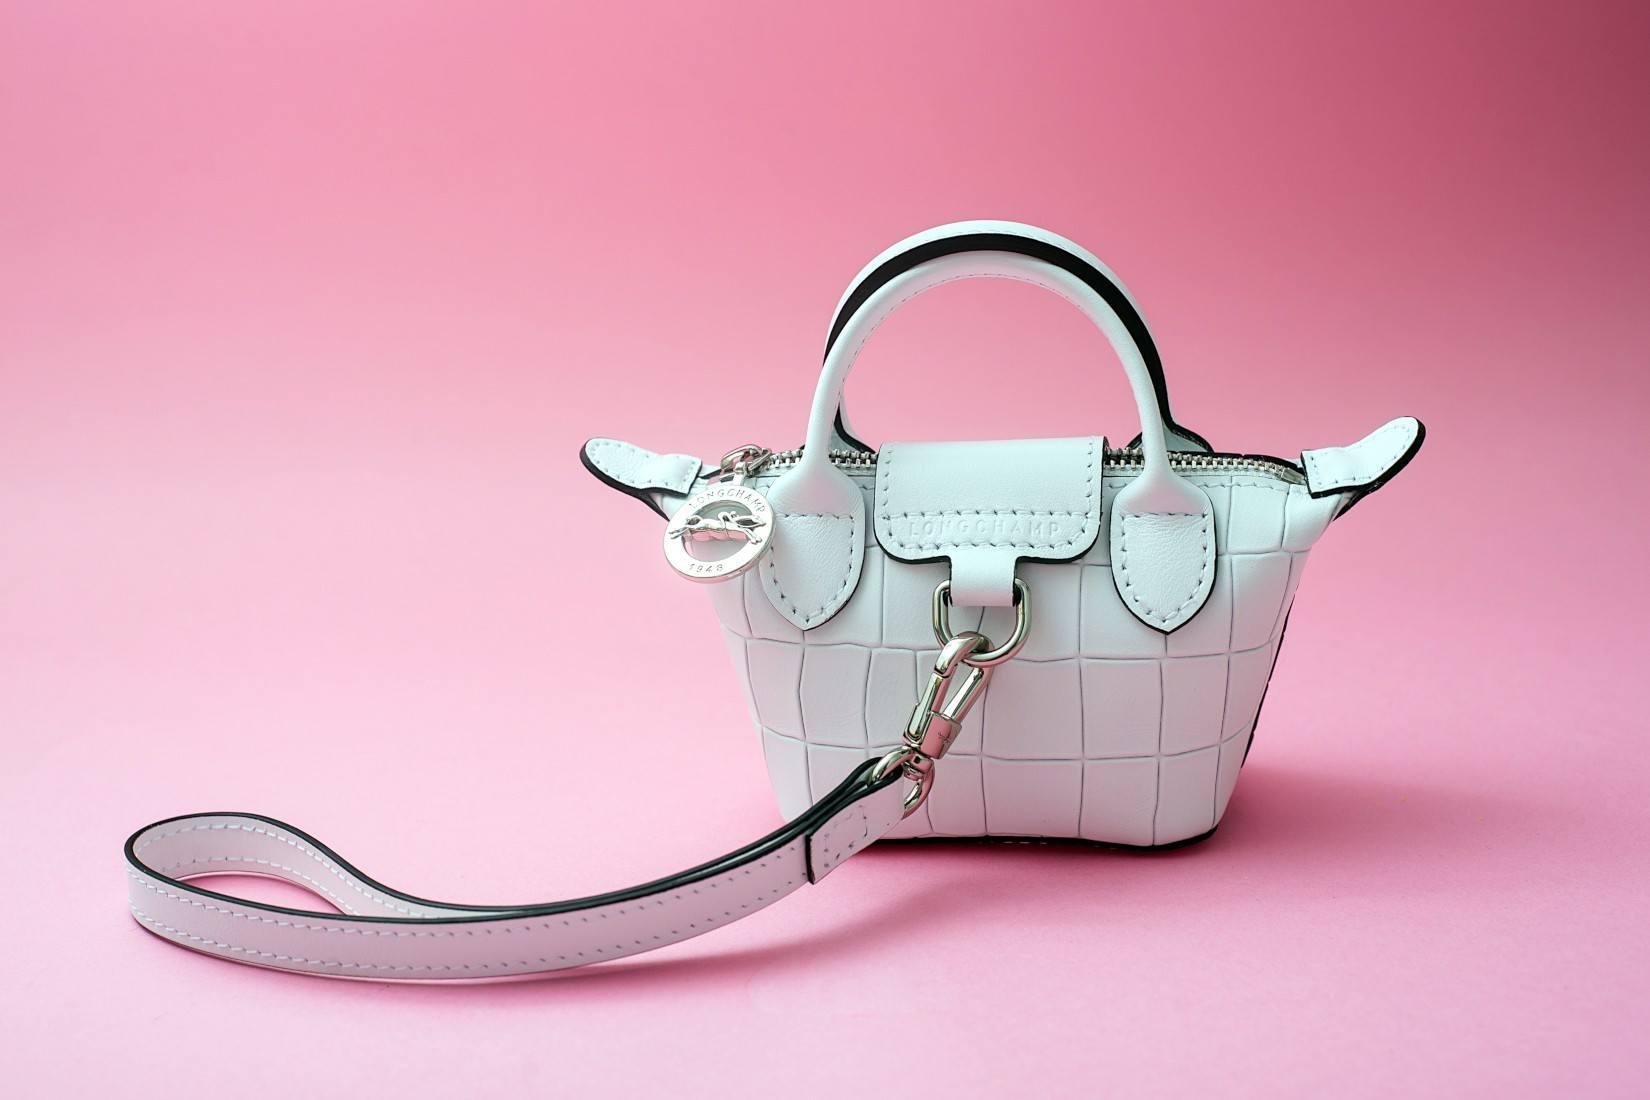 La tendance du mini-sac: comment la porter